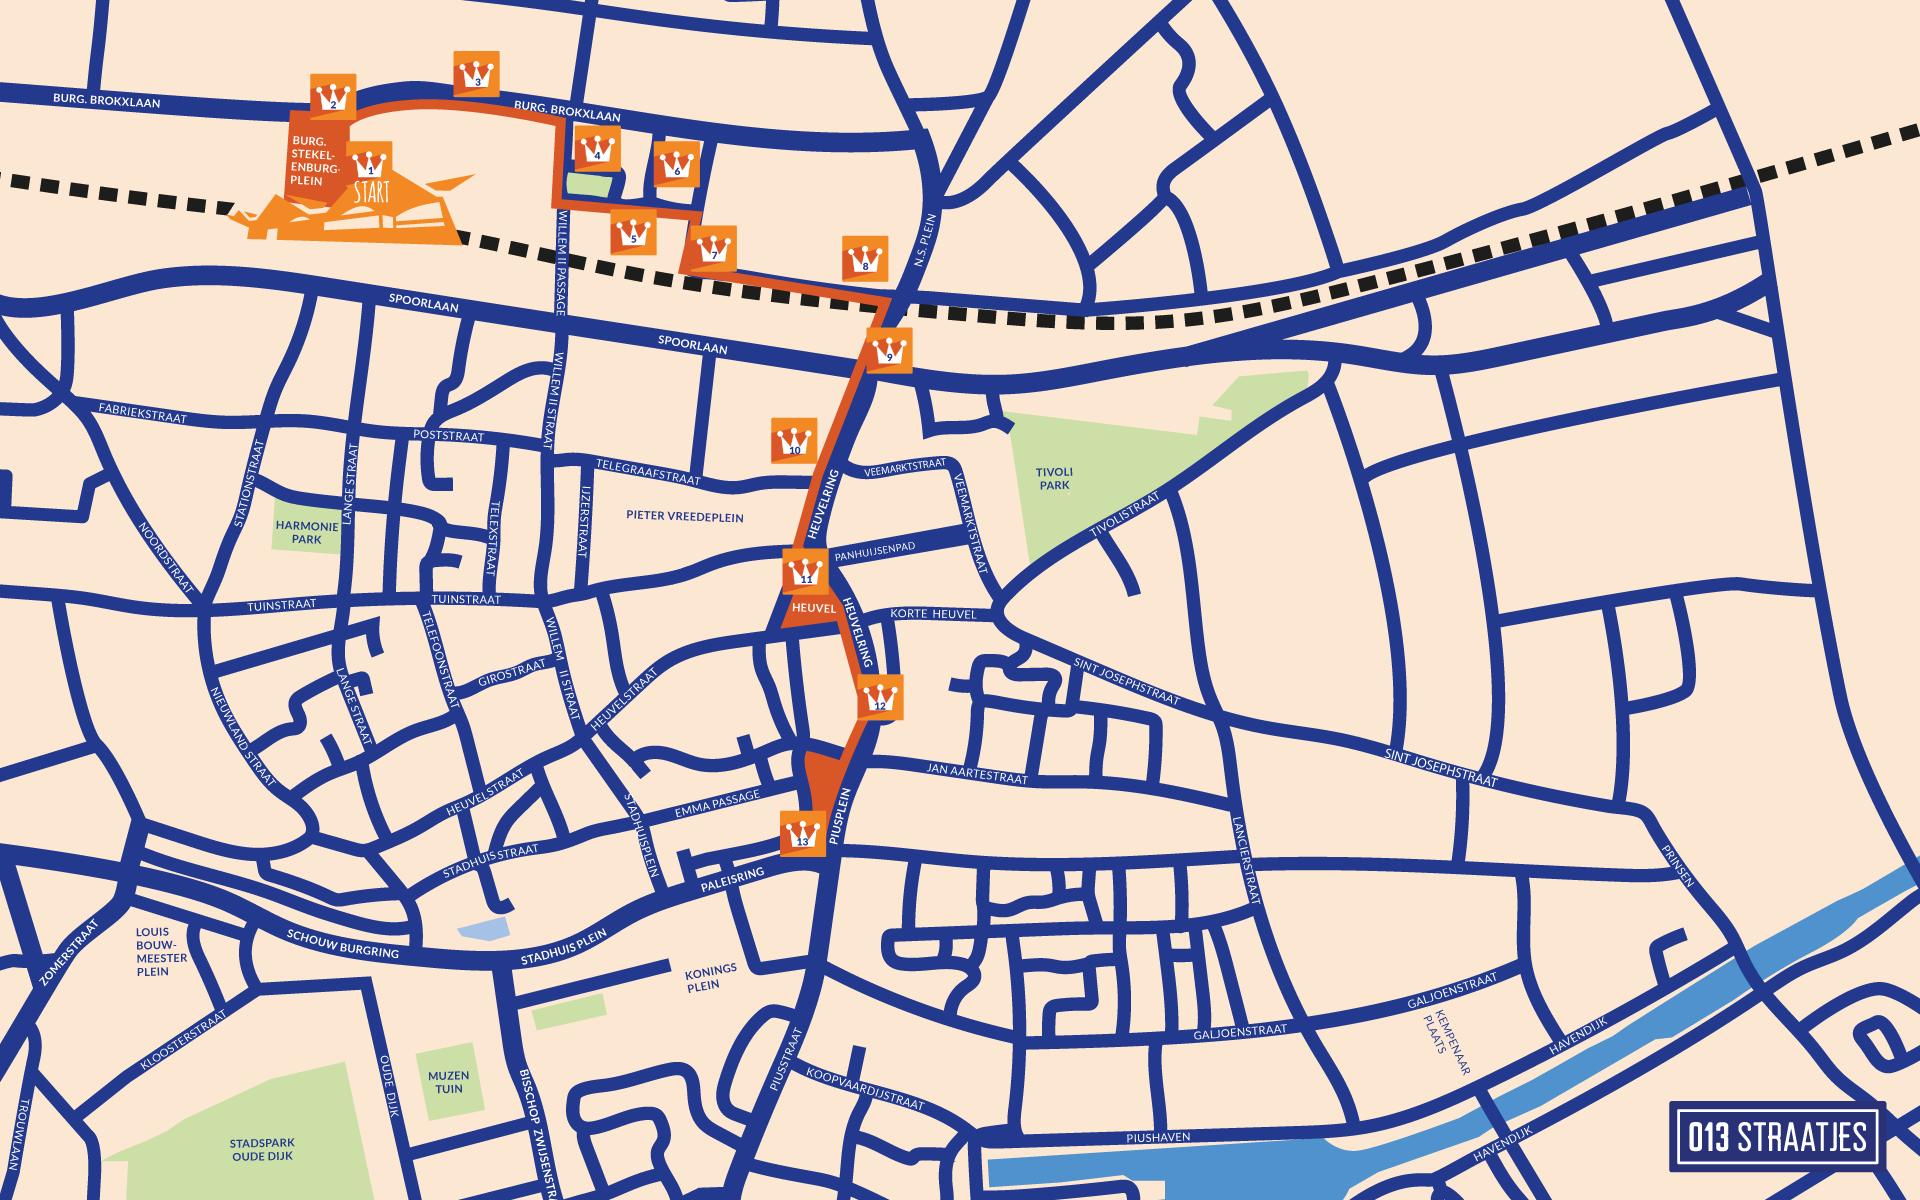 route koningsdag tilburg 2017 - routekaart - 013 straatjes